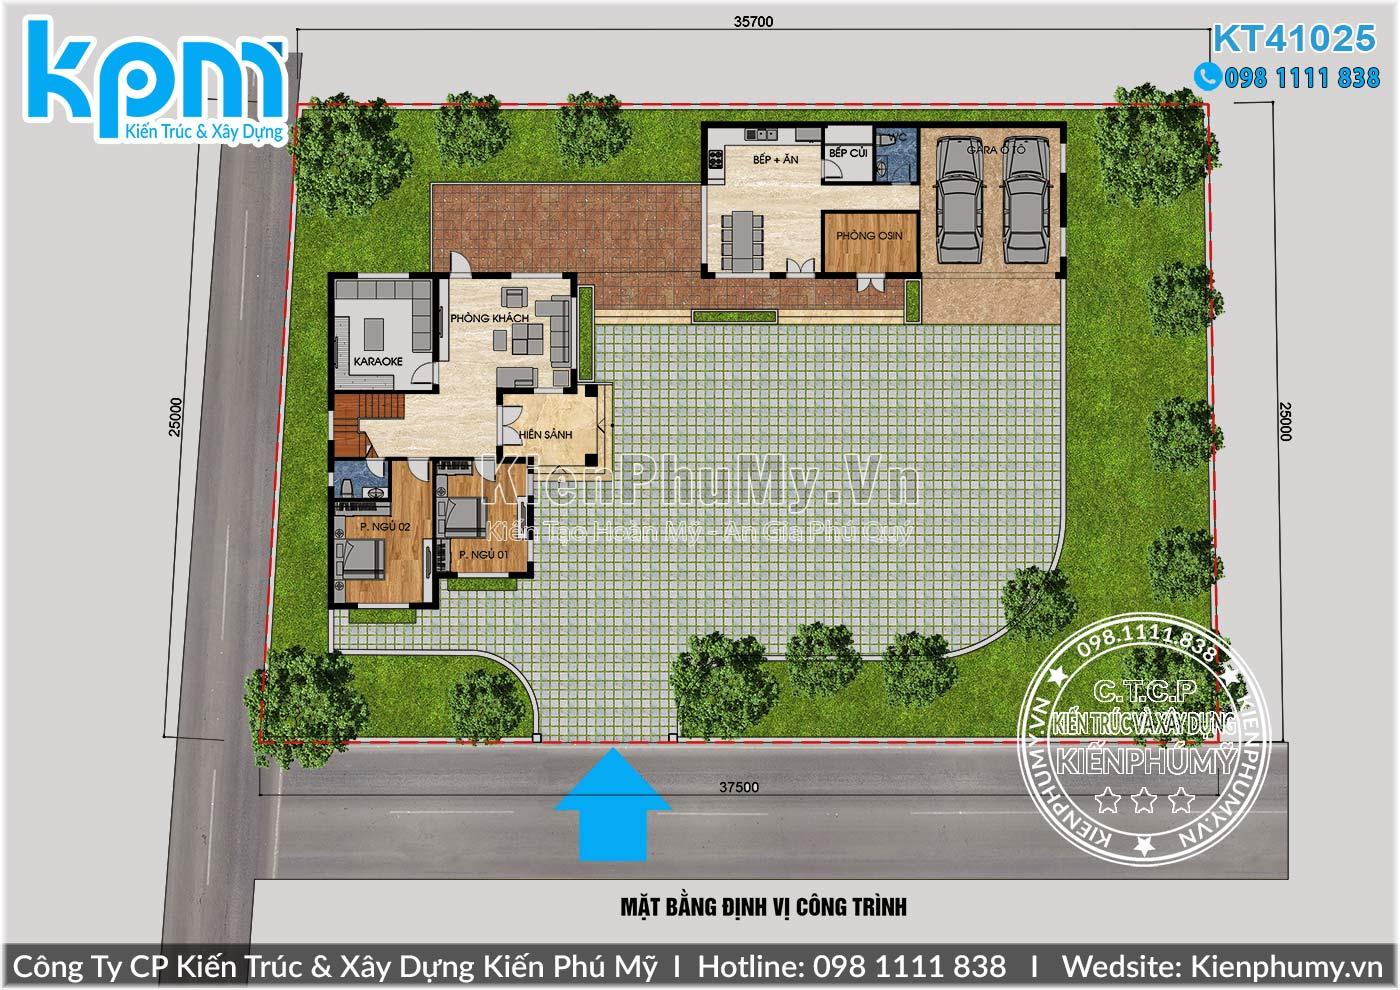 thiết kế tổng thể căn nhà biệt thự 2 tầng đẹp tại Thái Bình